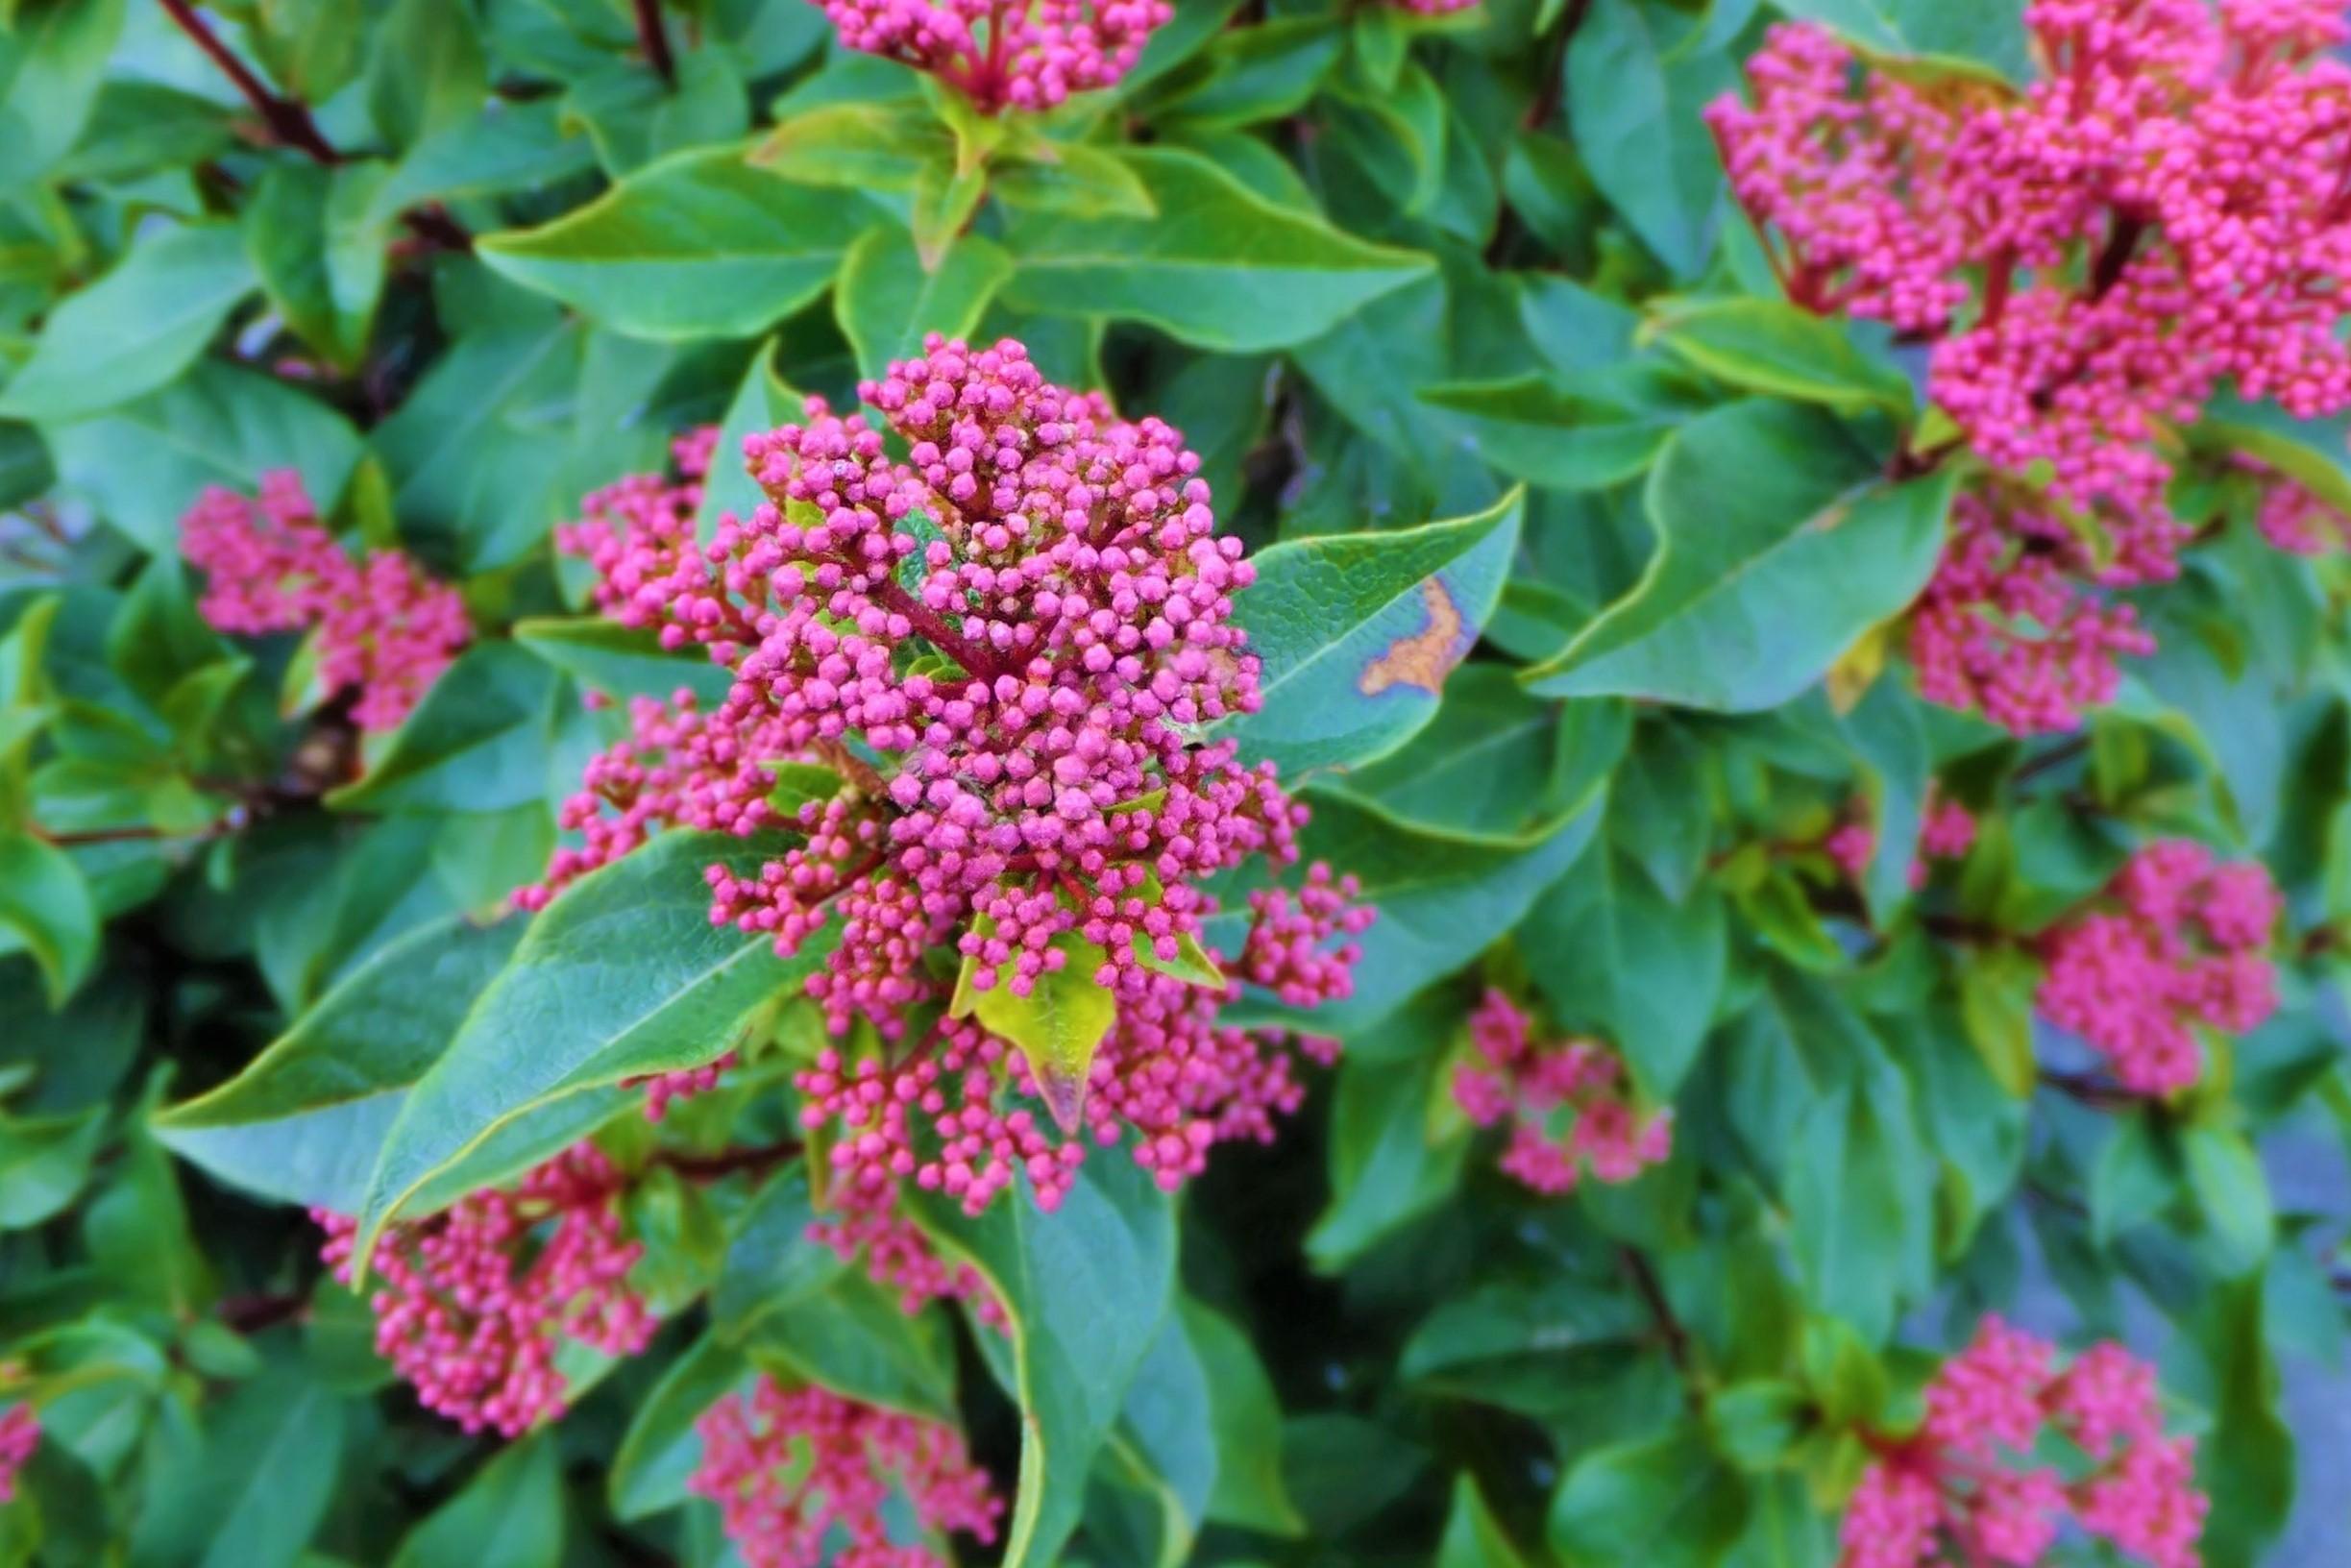 【中木】 ビブルナム・ティヌス Viburnum tinus 〈常緑広葉樹〉